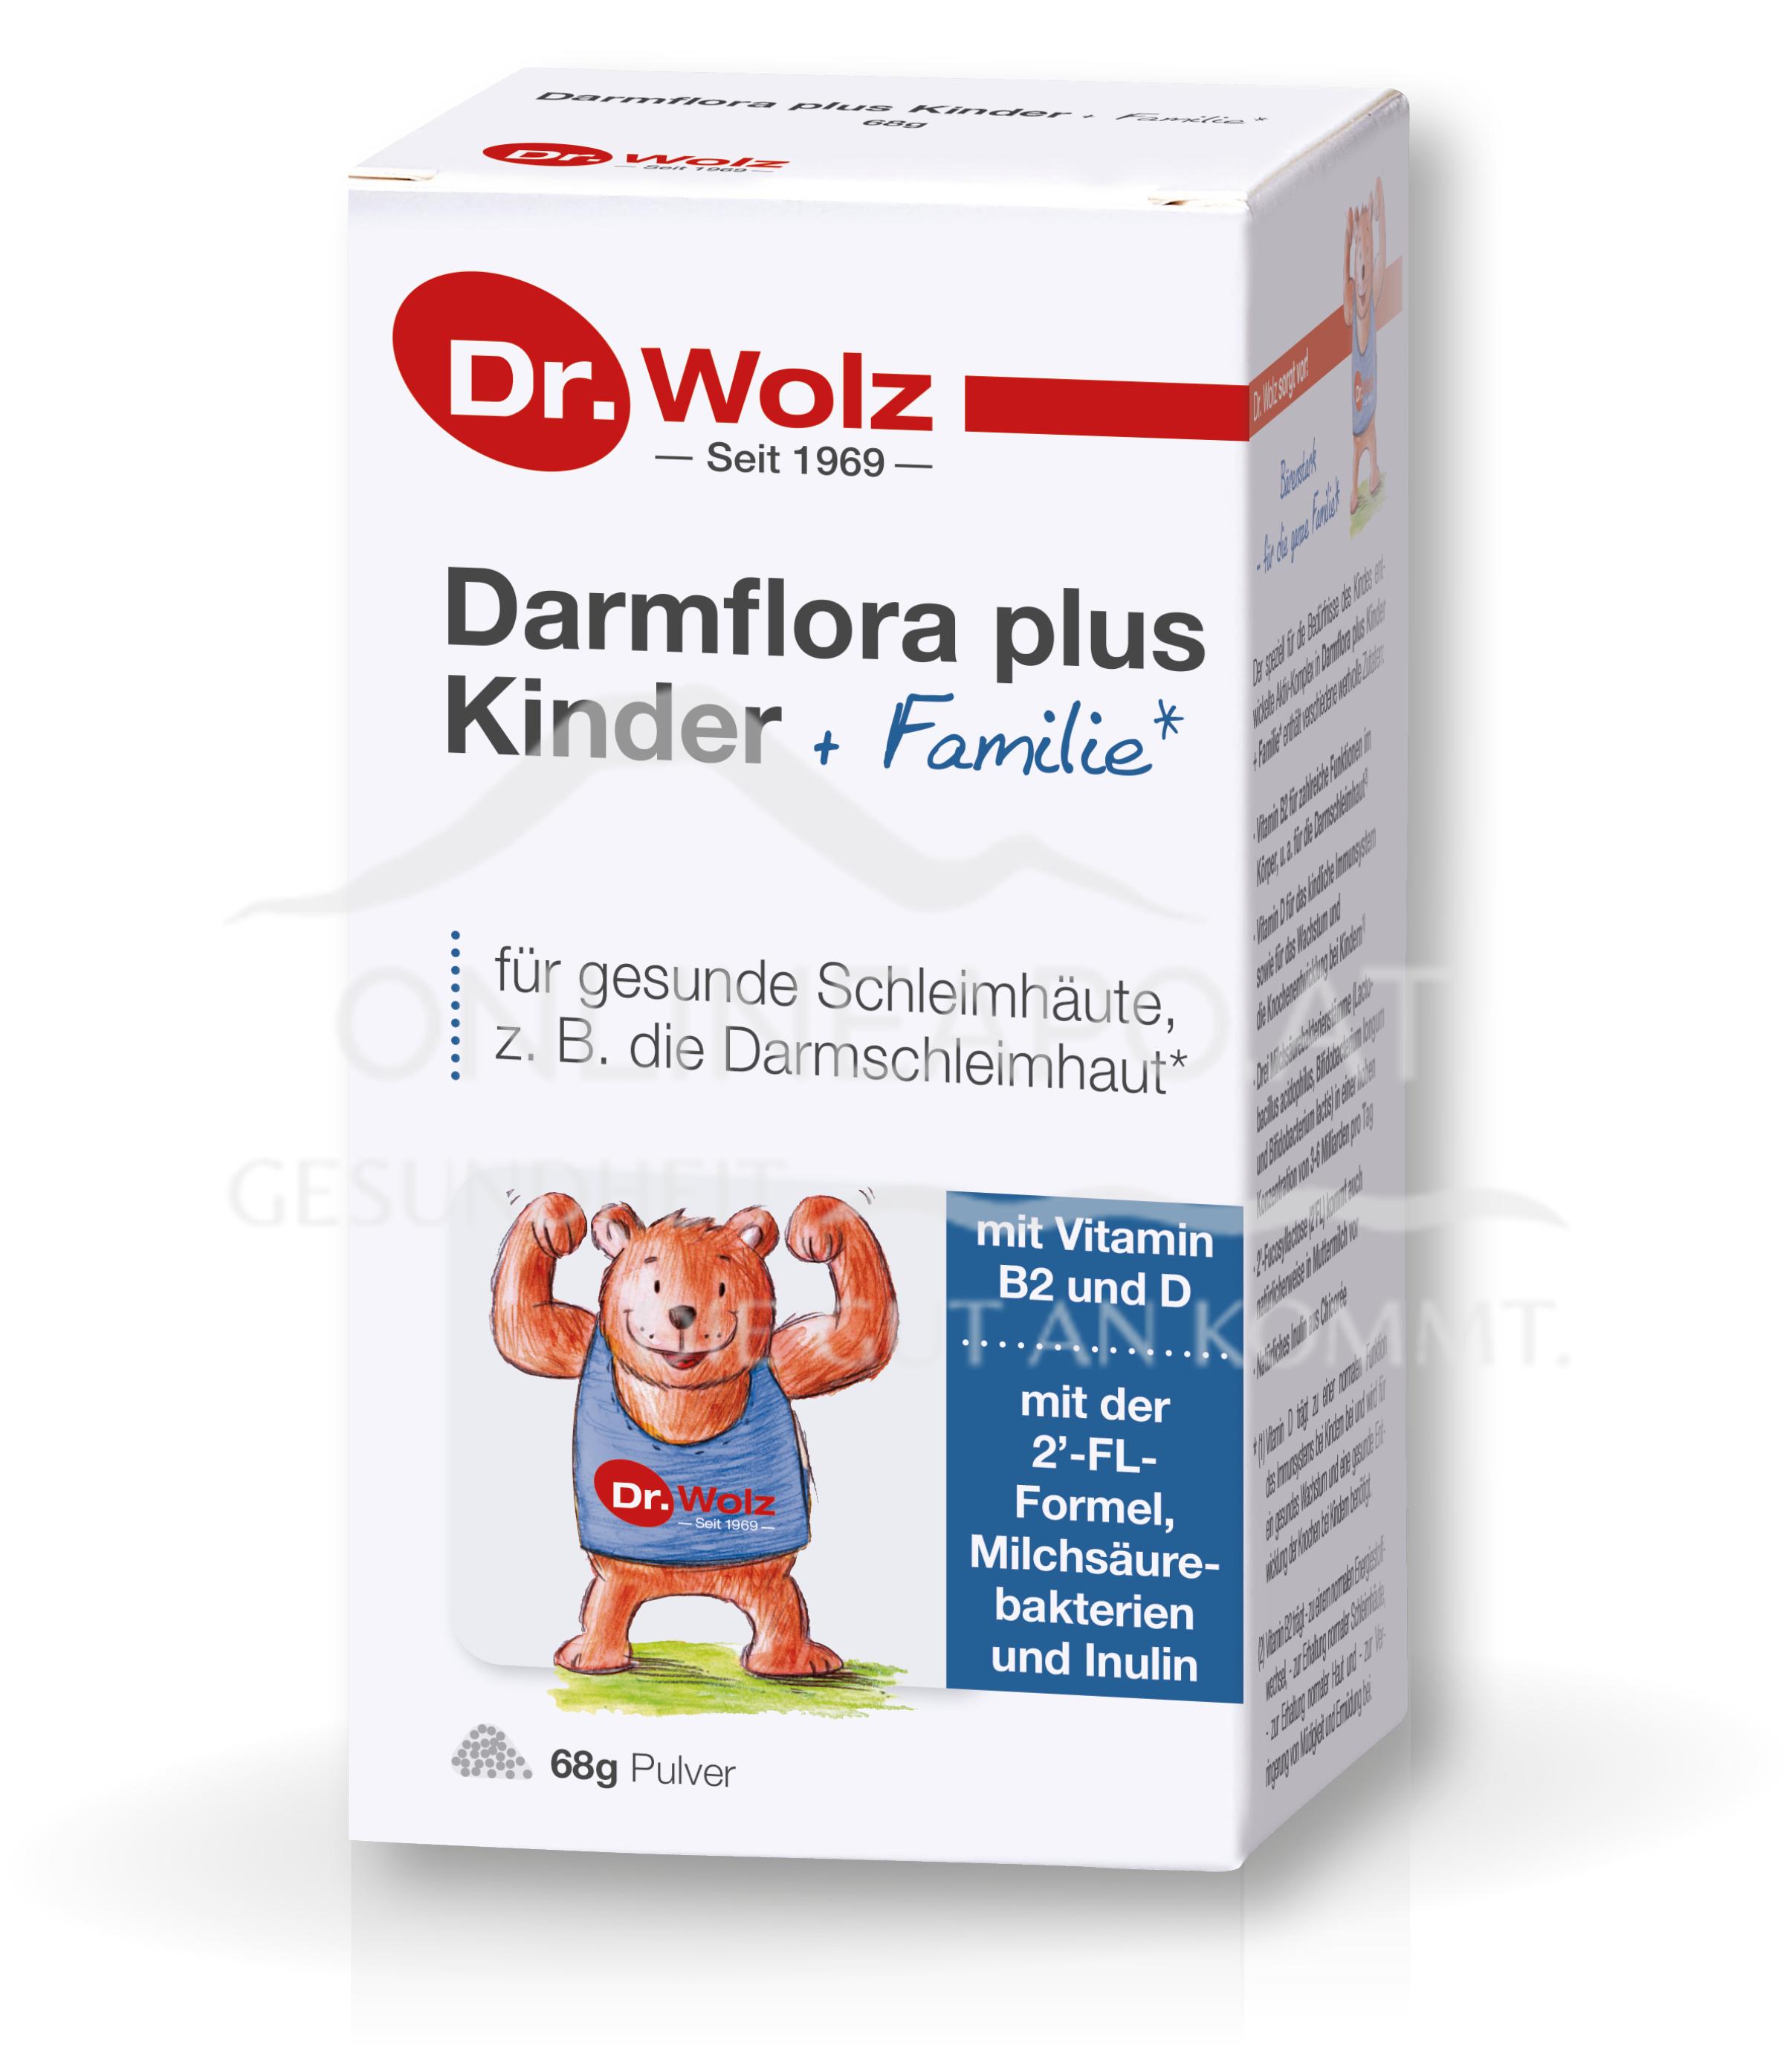 Dr. Wolz Darmflora plus® Kinder + Familie Pulver